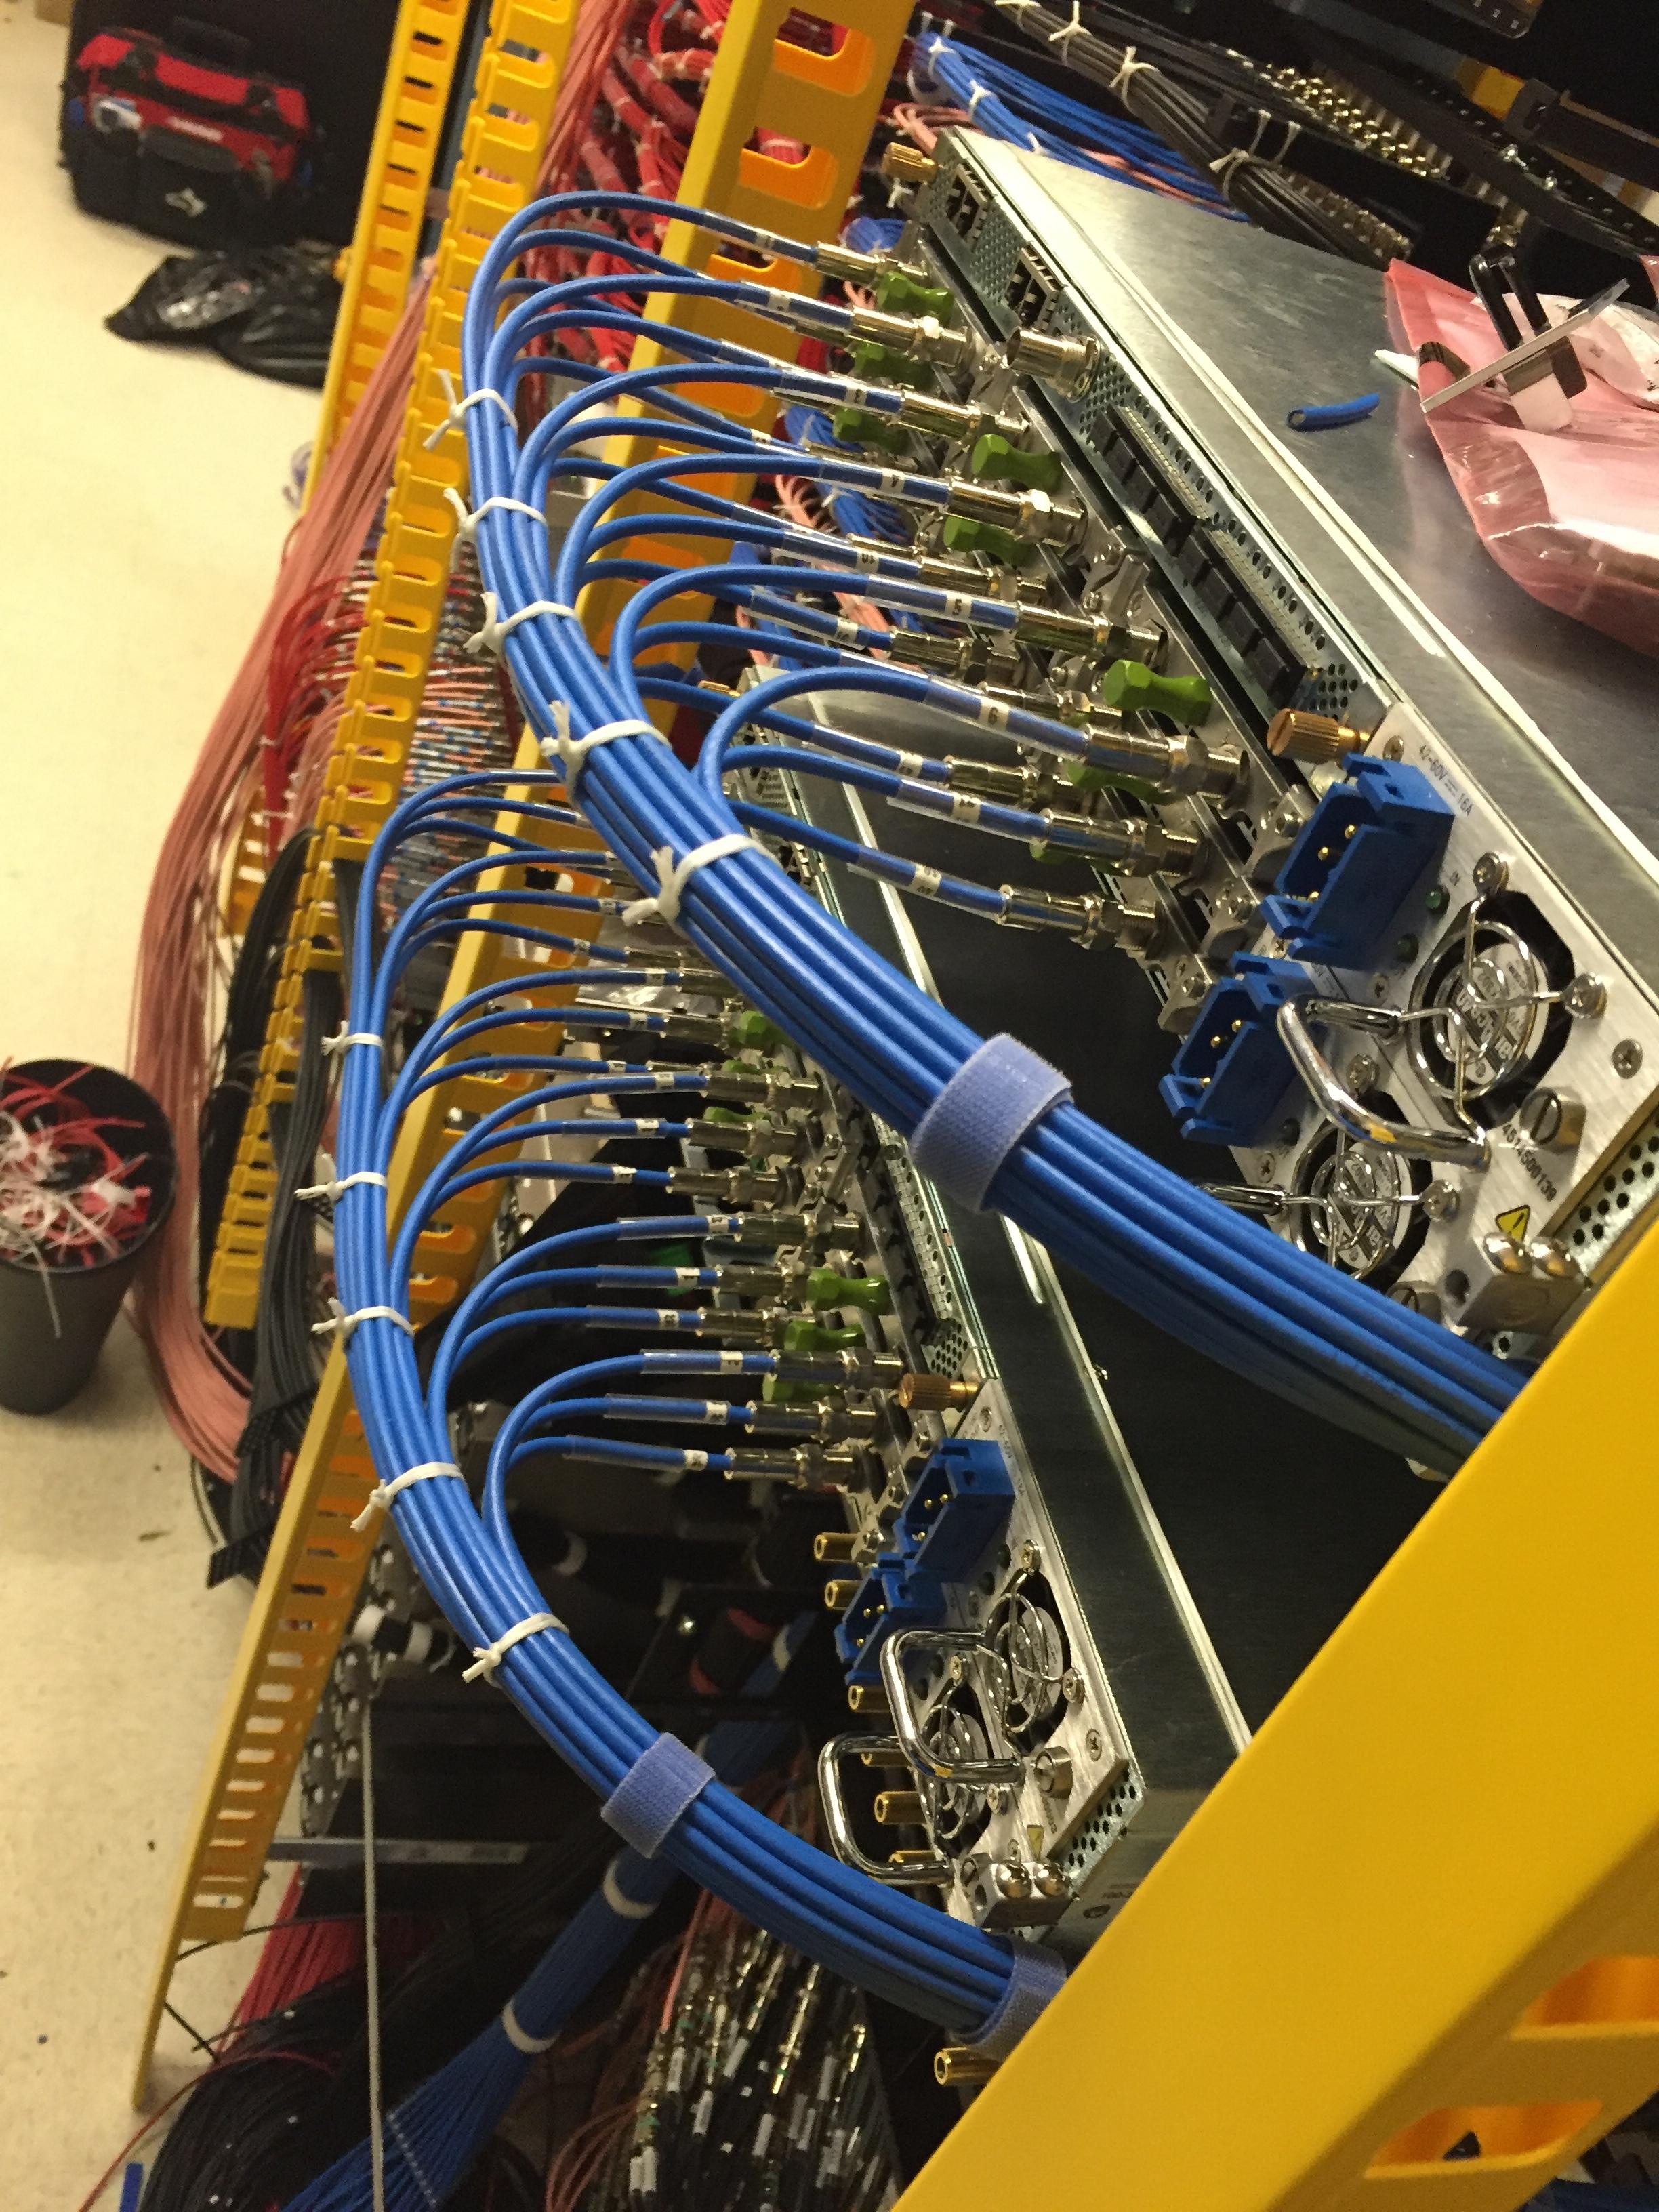 testing-blue-cable-LA